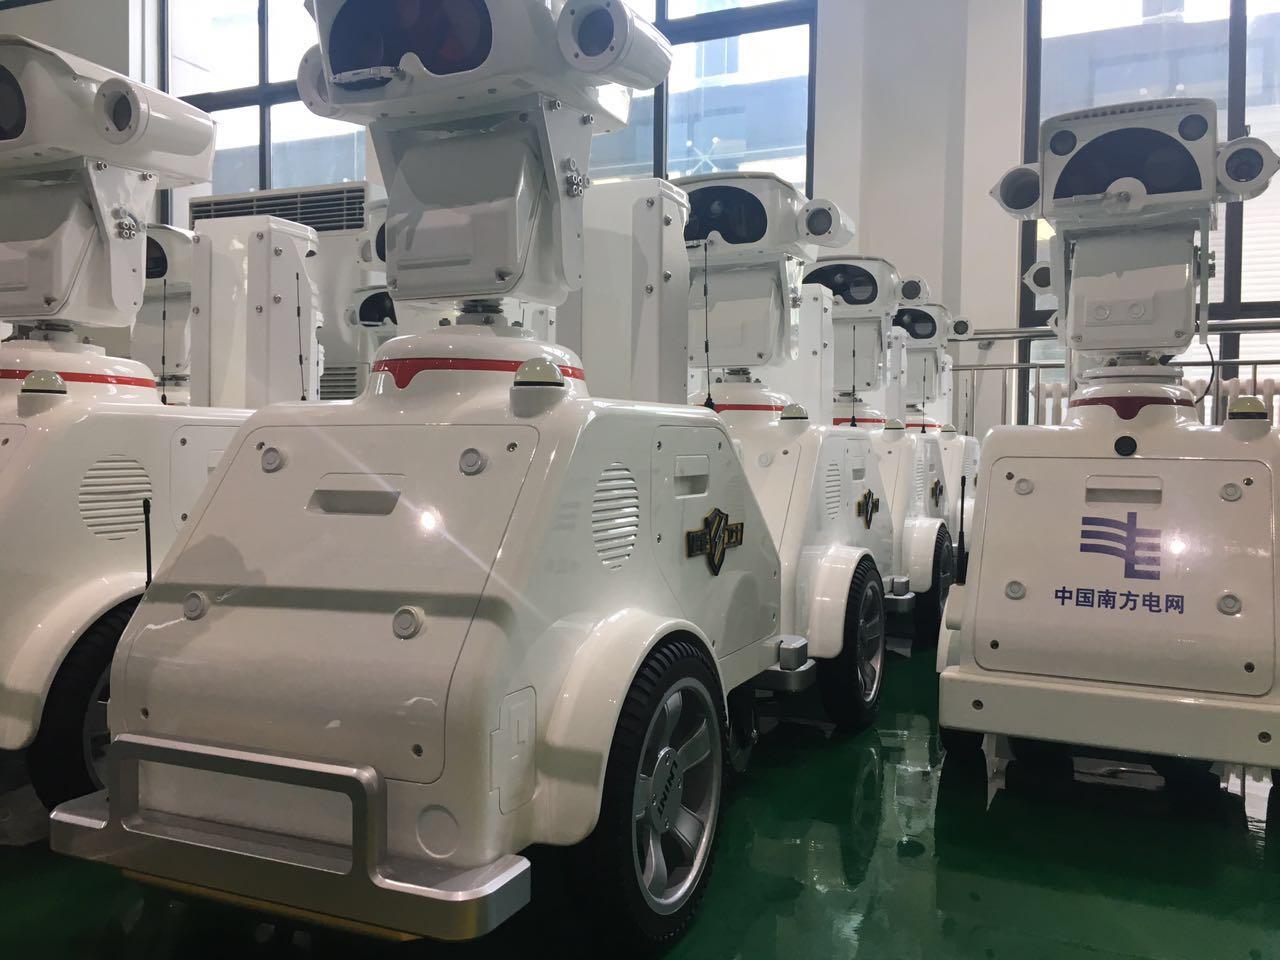 聚焦山东新动能 鲁能智造以何成为电力特种机器人行业创领者?